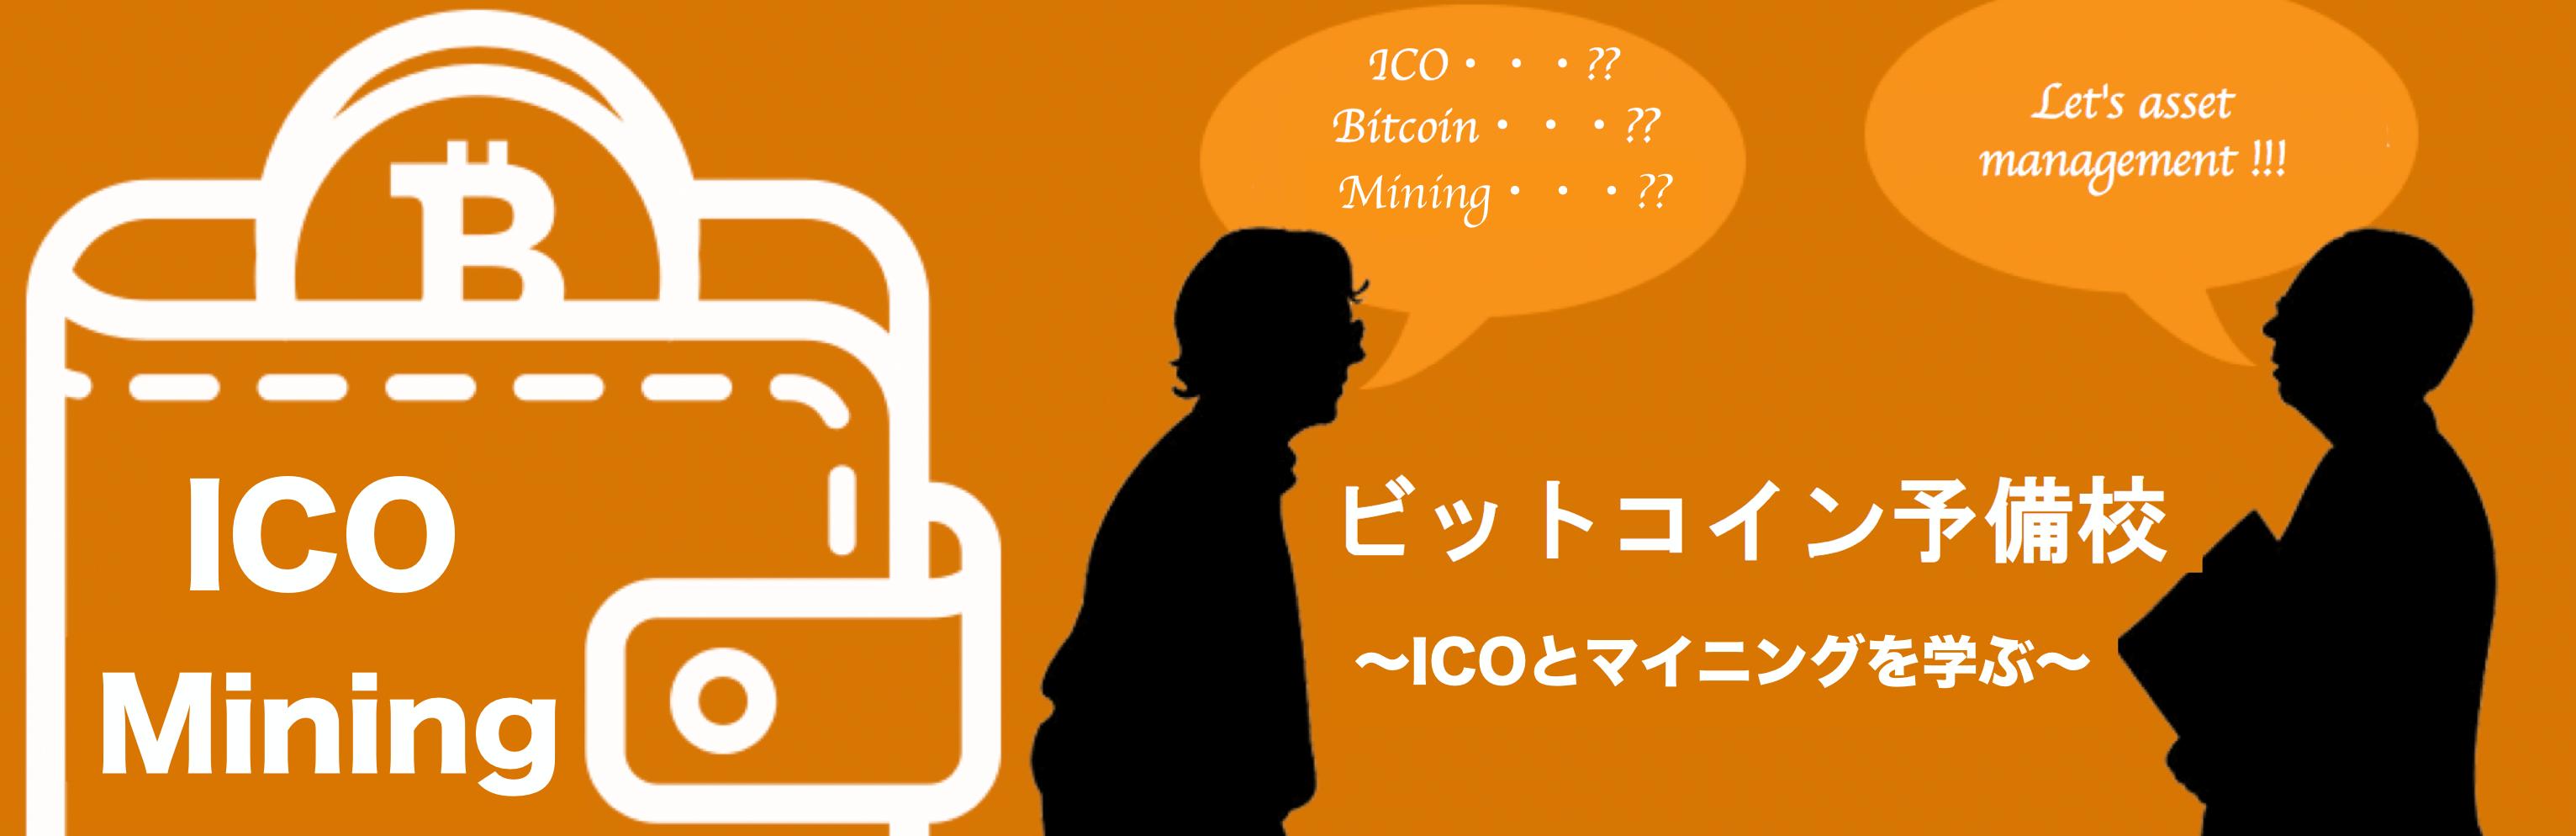 ビットコイン予備校でICOとマイニングを学ぶ